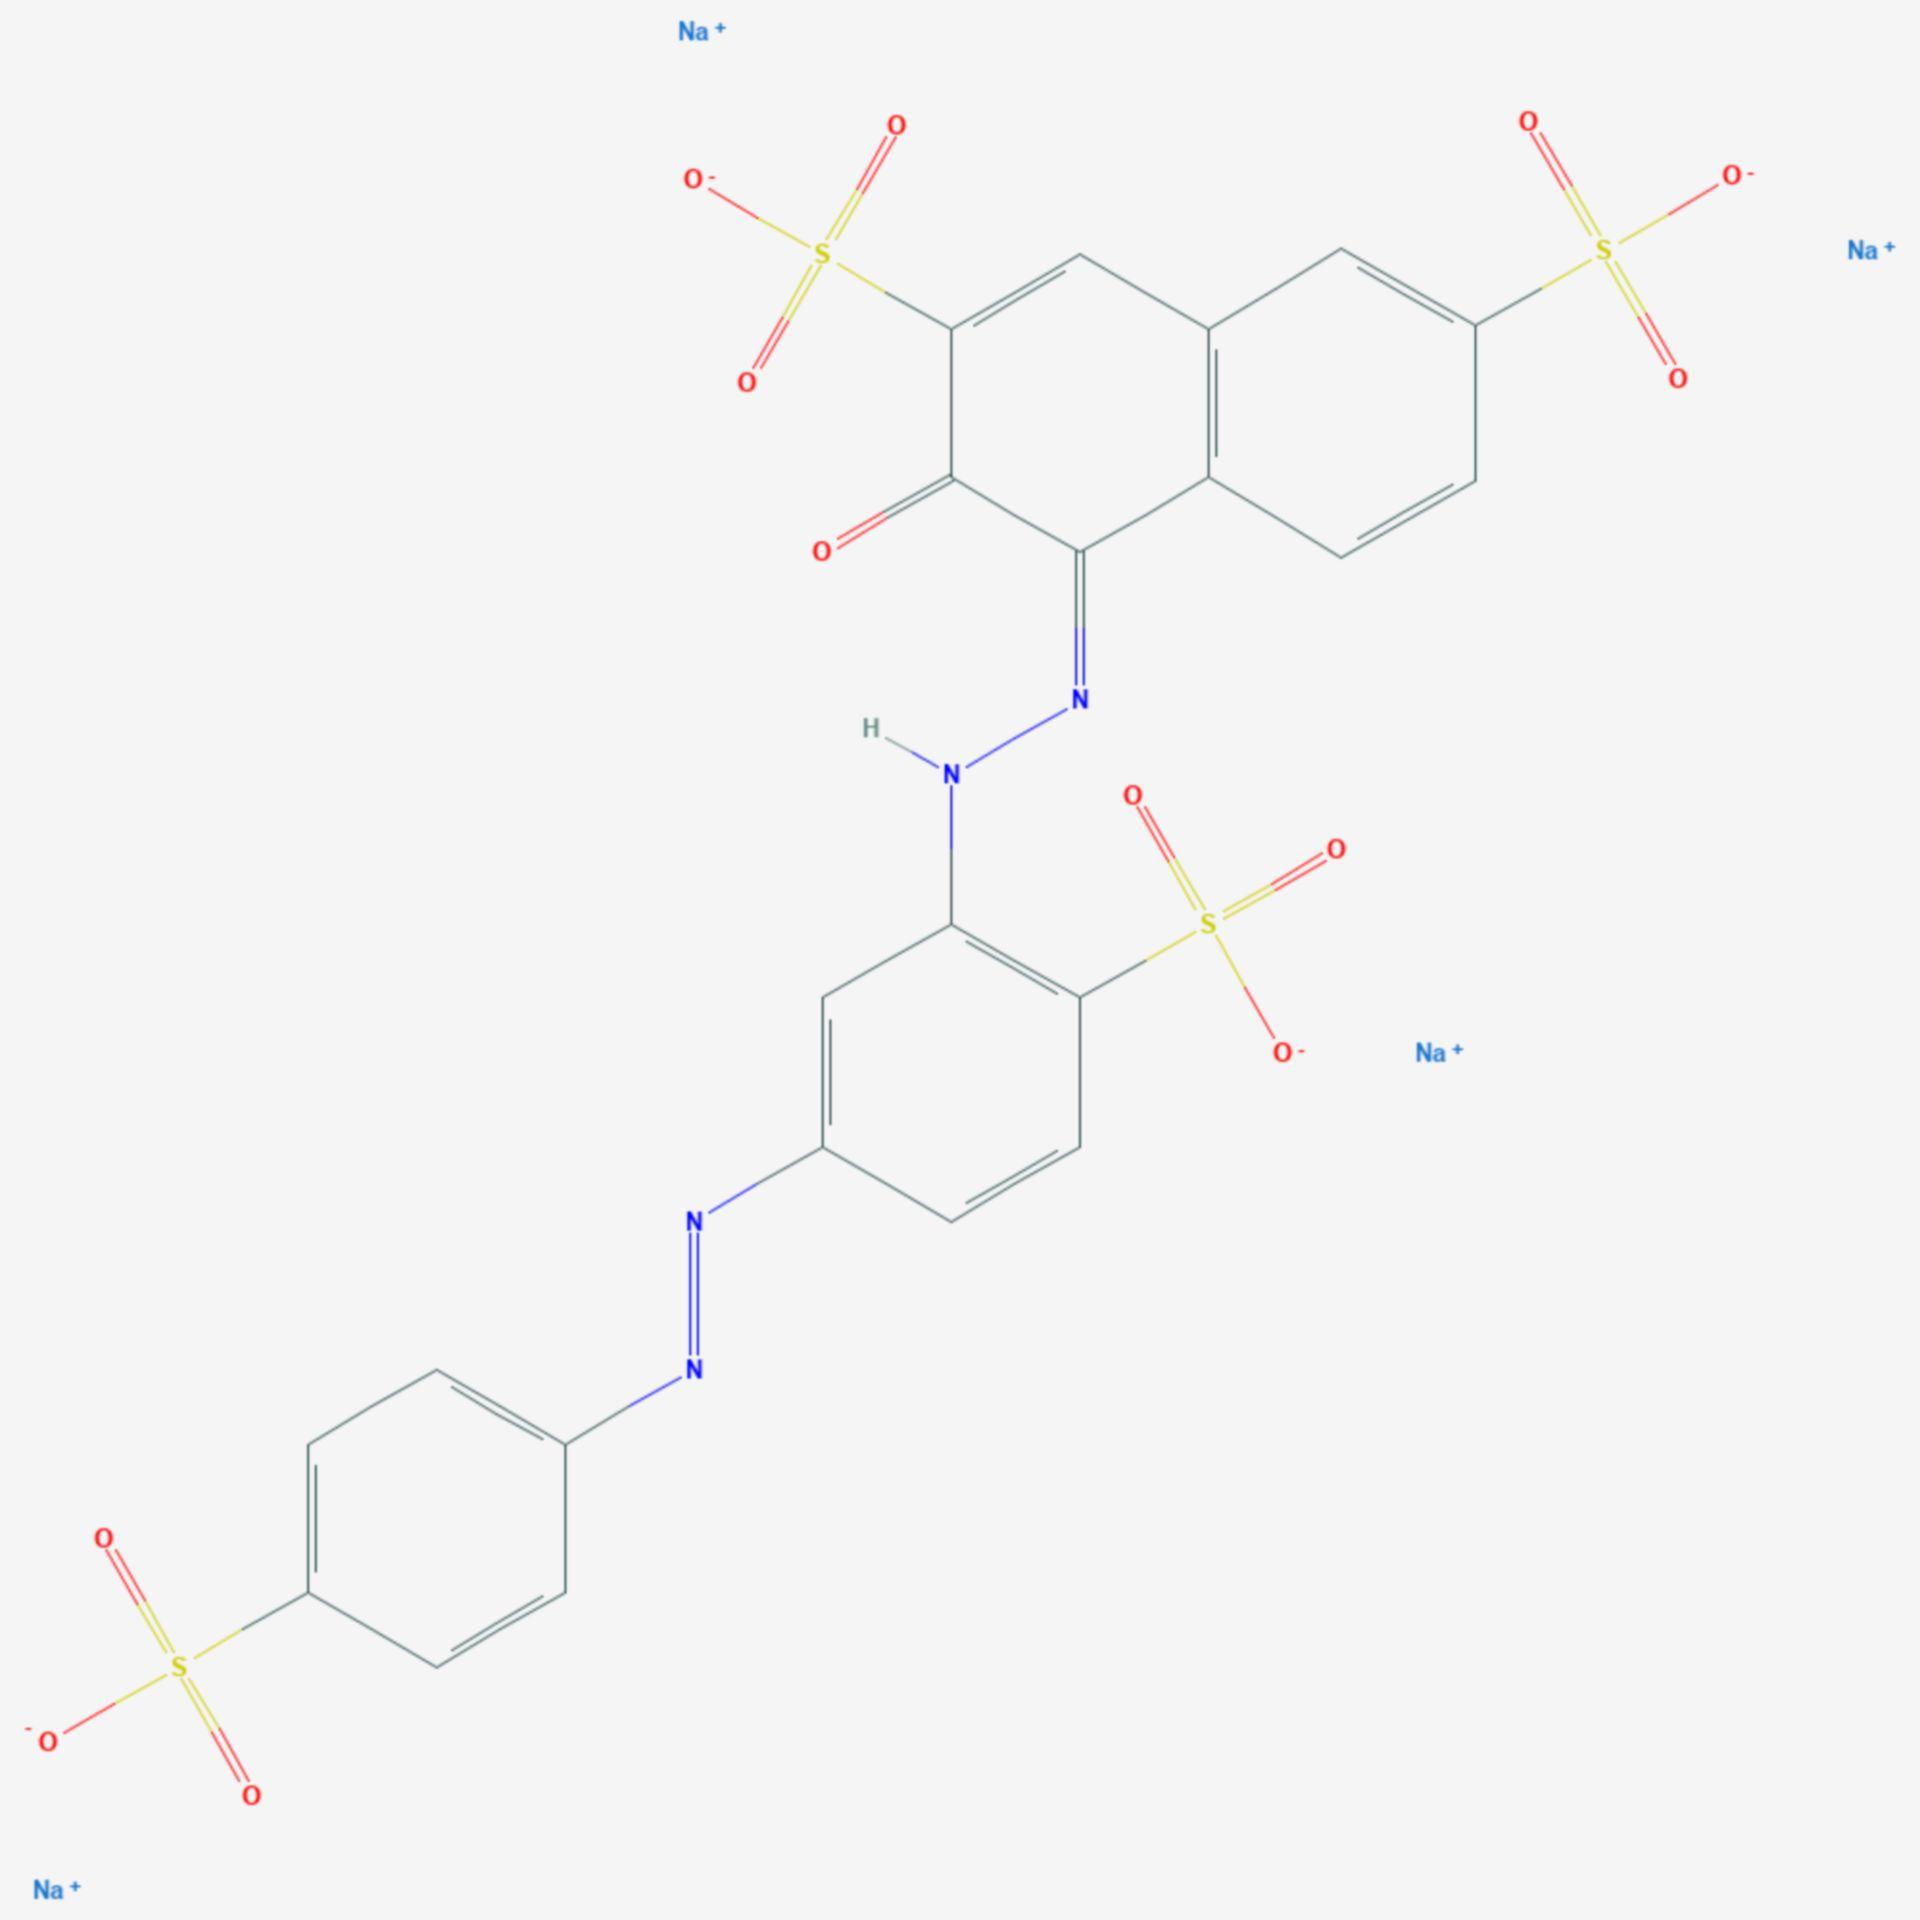 Ponceau S (Strukturformel)